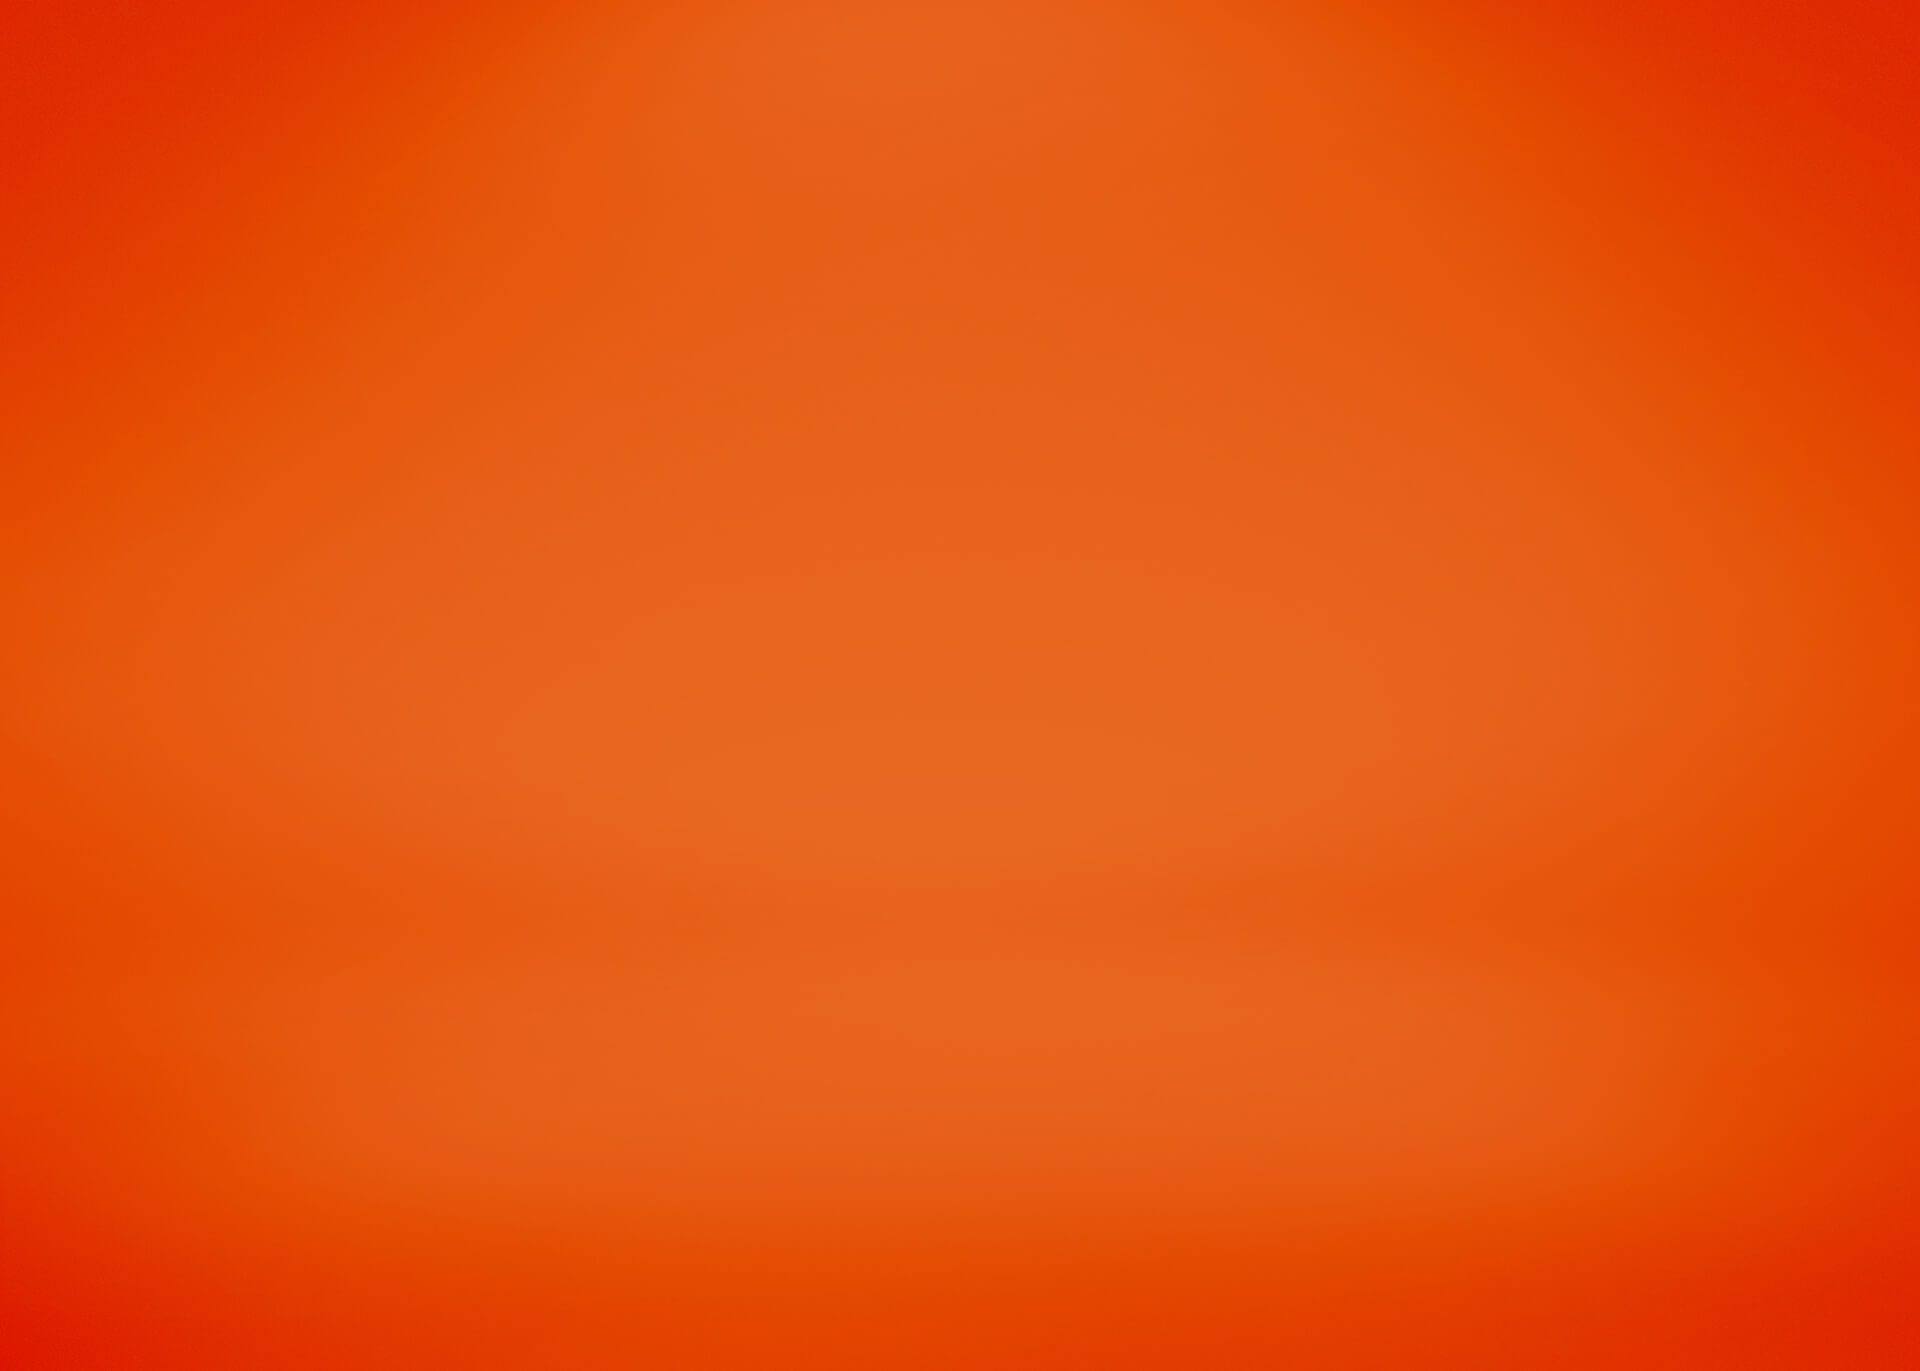 orange-bg-1